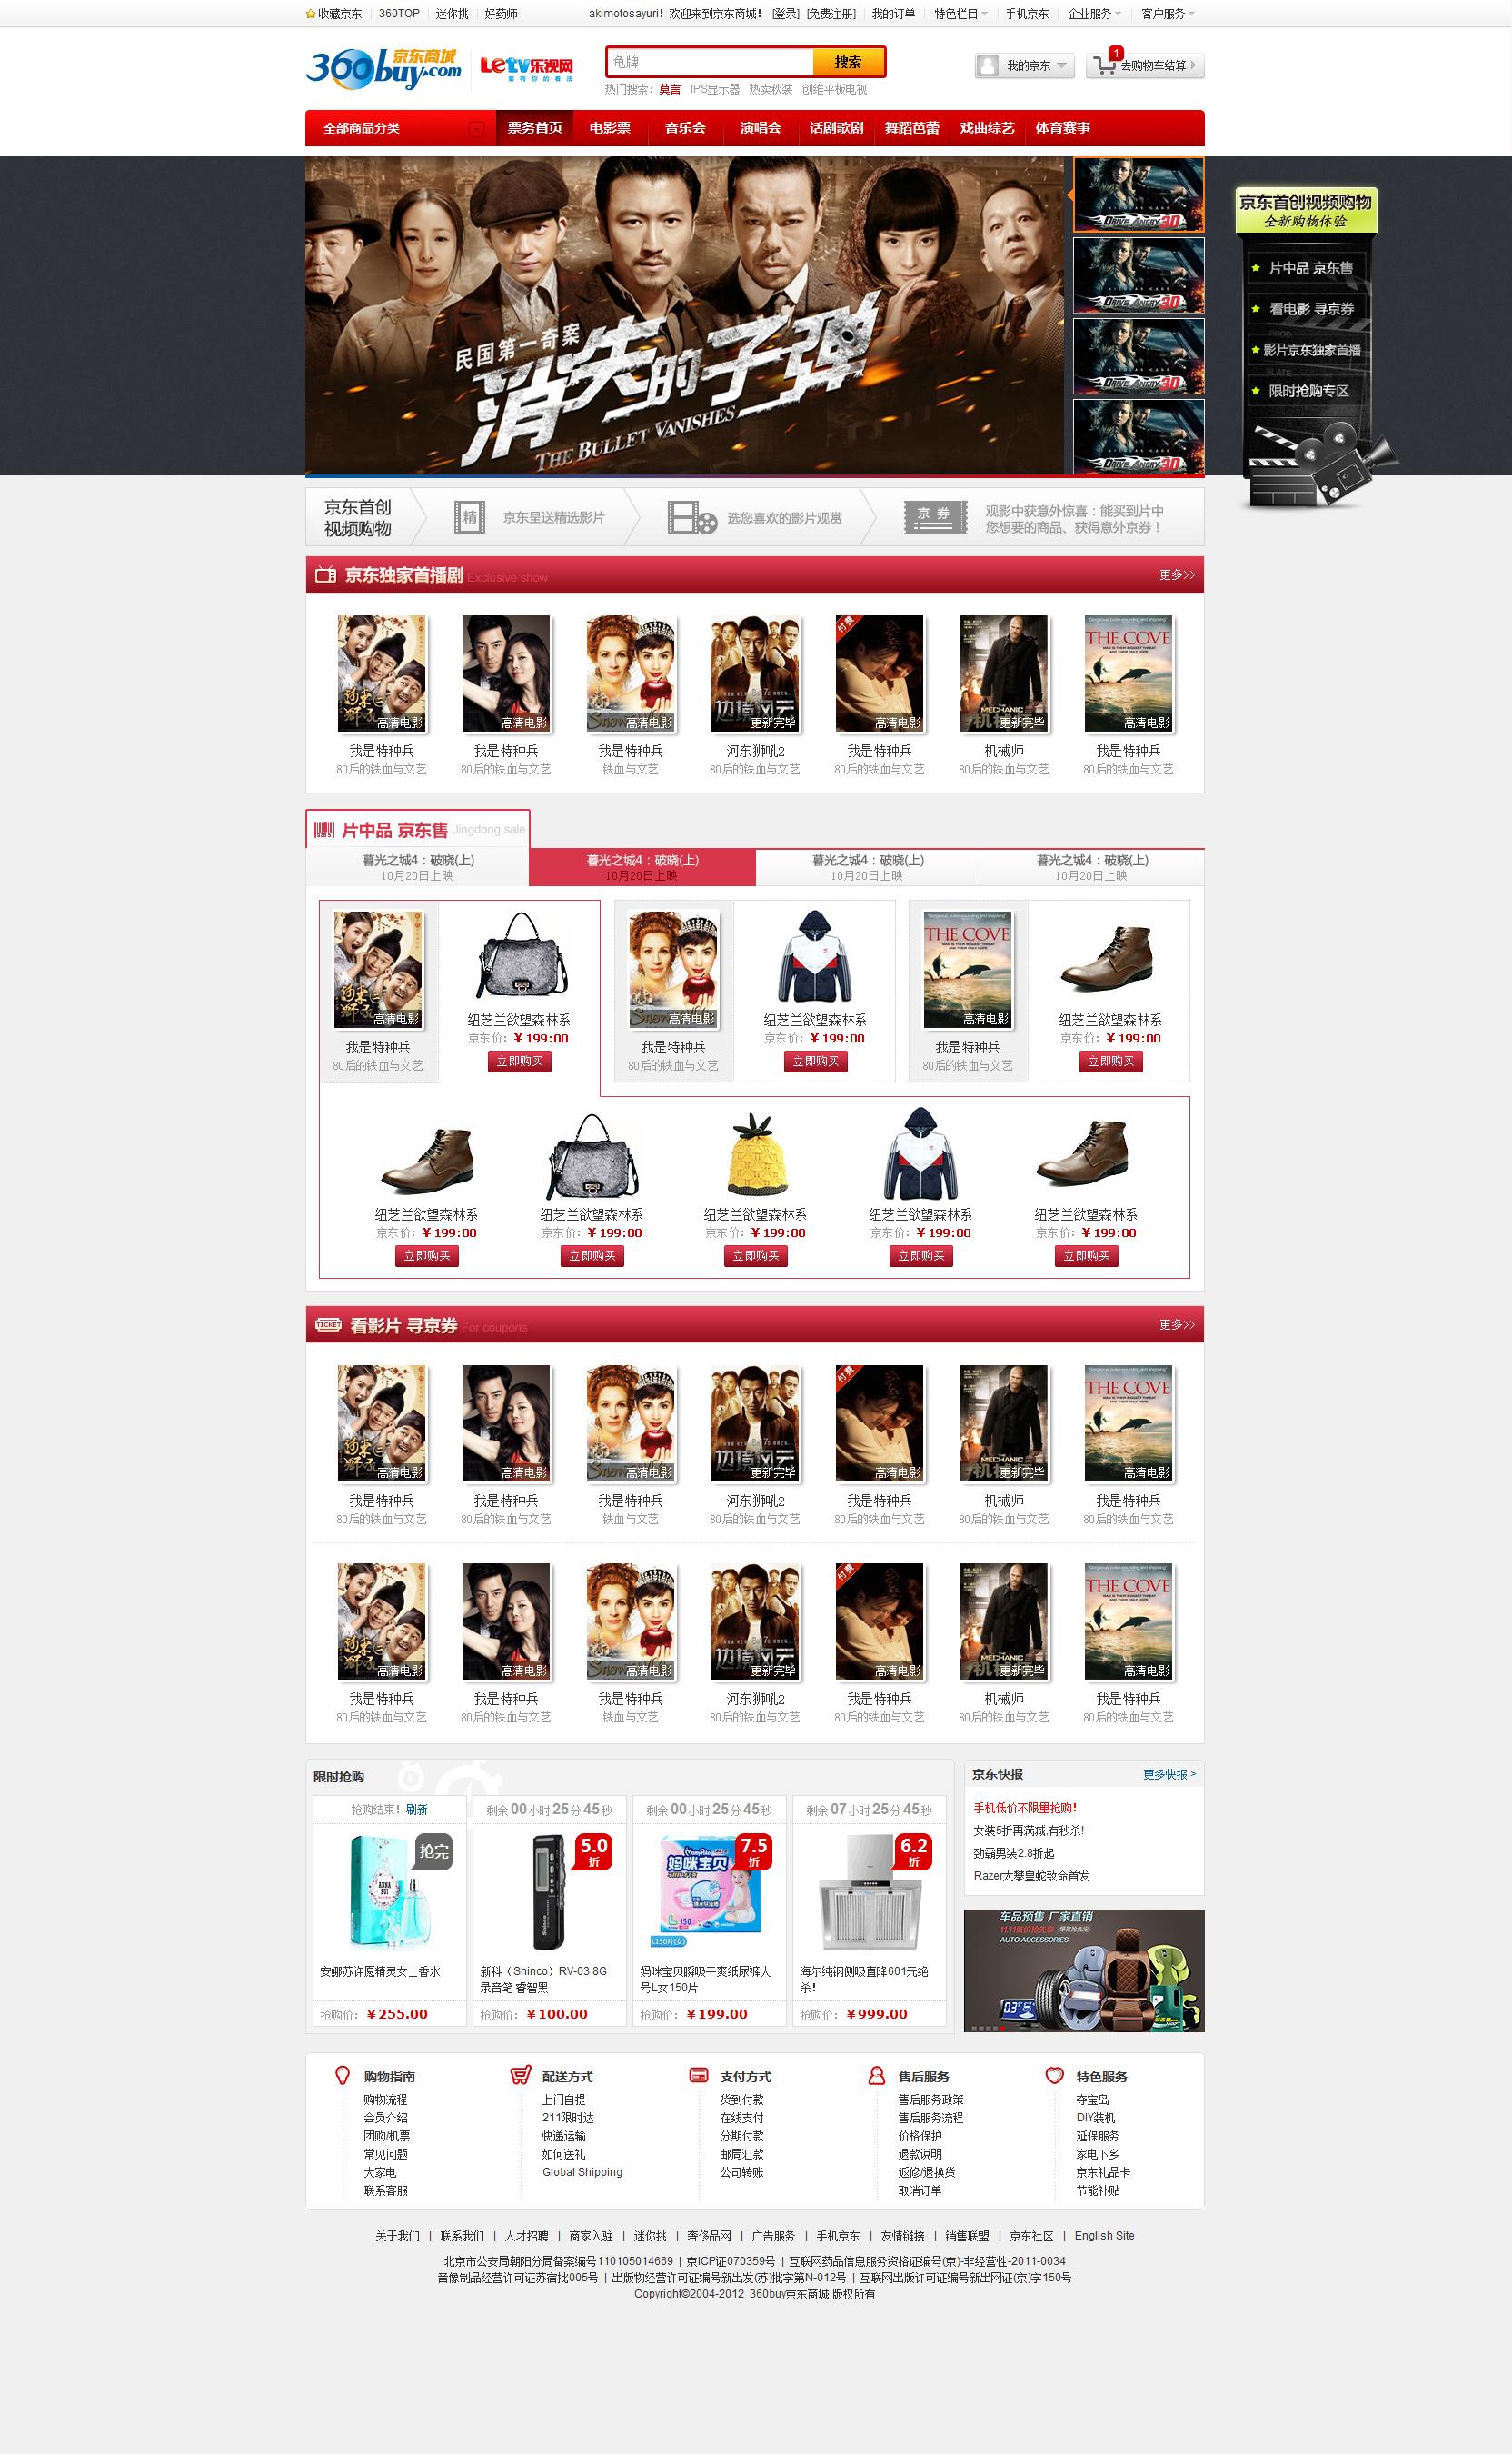 京东与乐视玩转跨界营销网购购物迈向视频时代视频骂陈嗨氏子豪和互图片